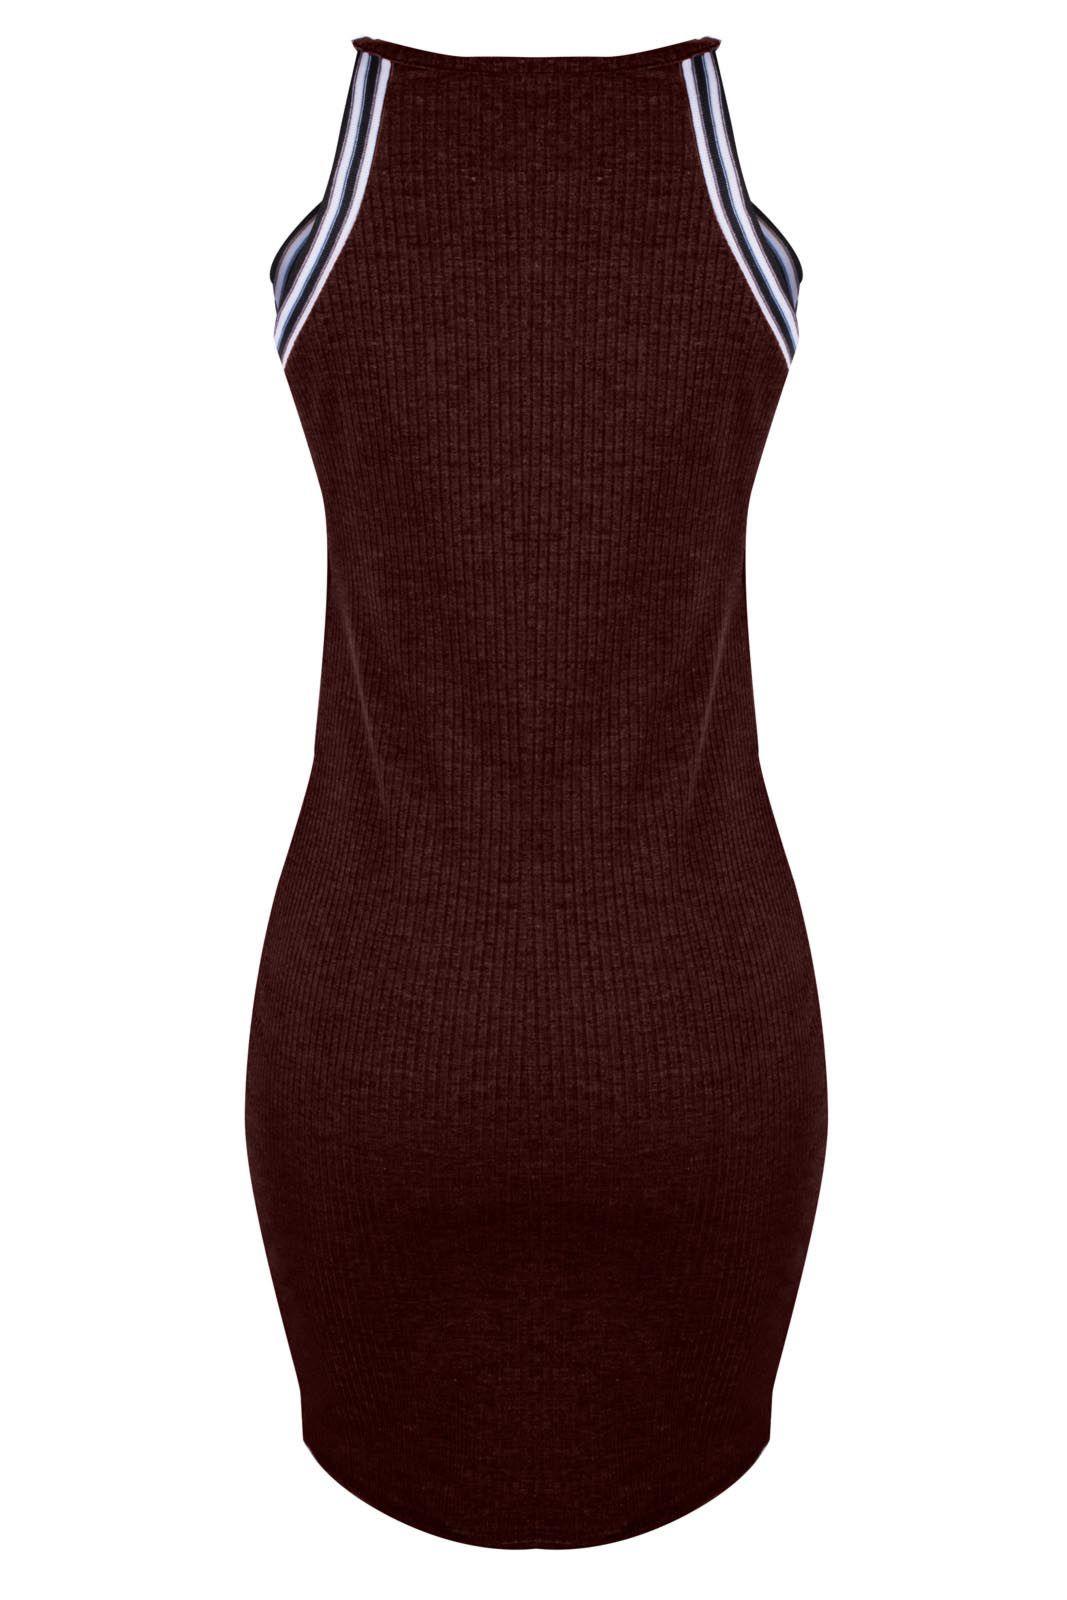 Vestido Outlet Dri Alcinha Canelado Curto Detalhe Alça Esp Casual Lista Vermelho Escuro